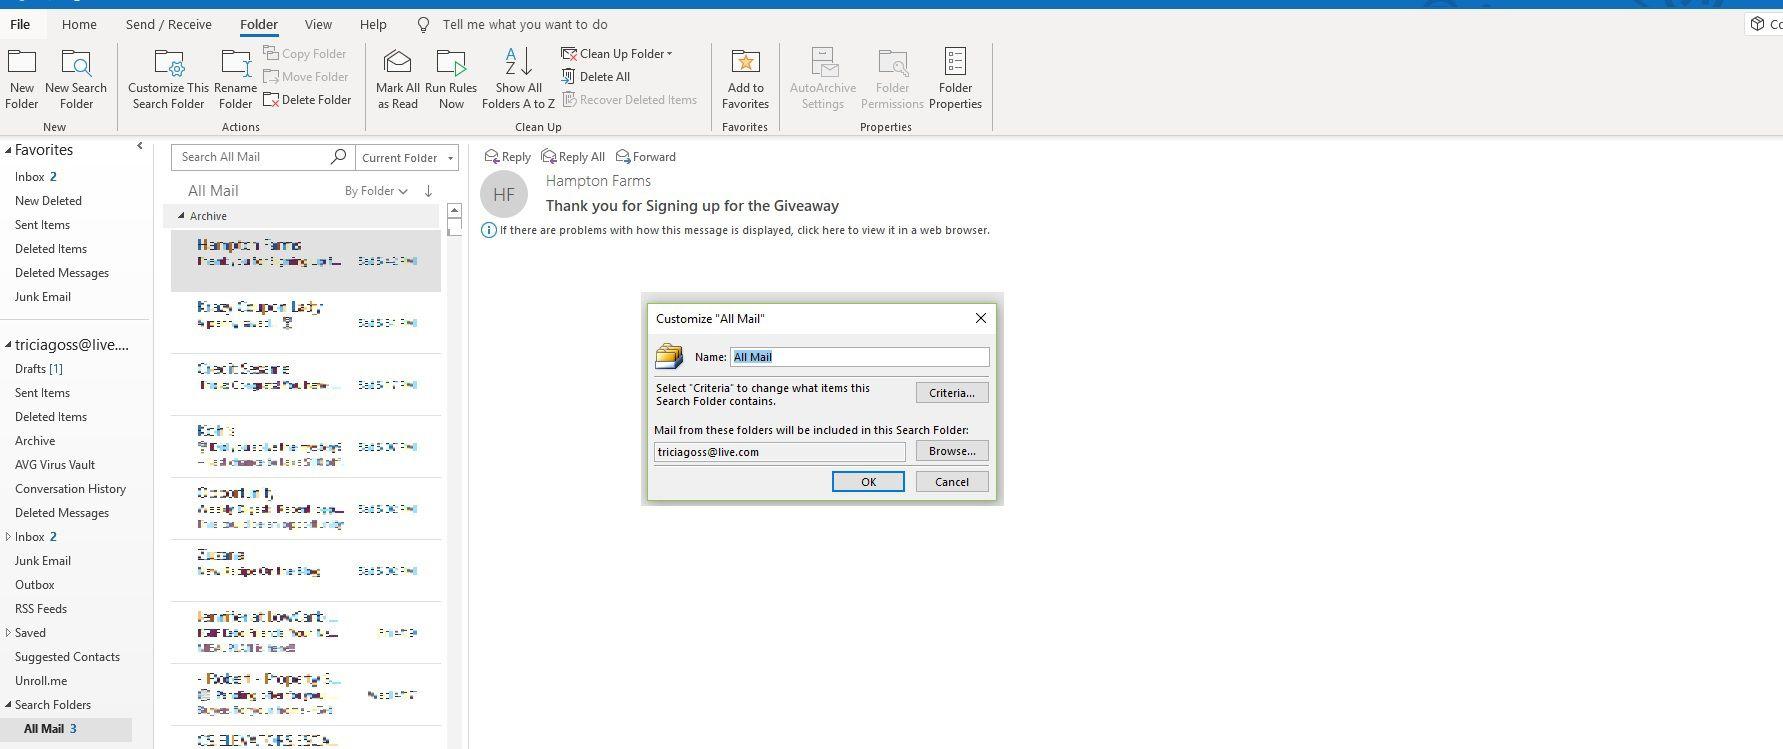 Screenshot of Customize All Mail dialog box